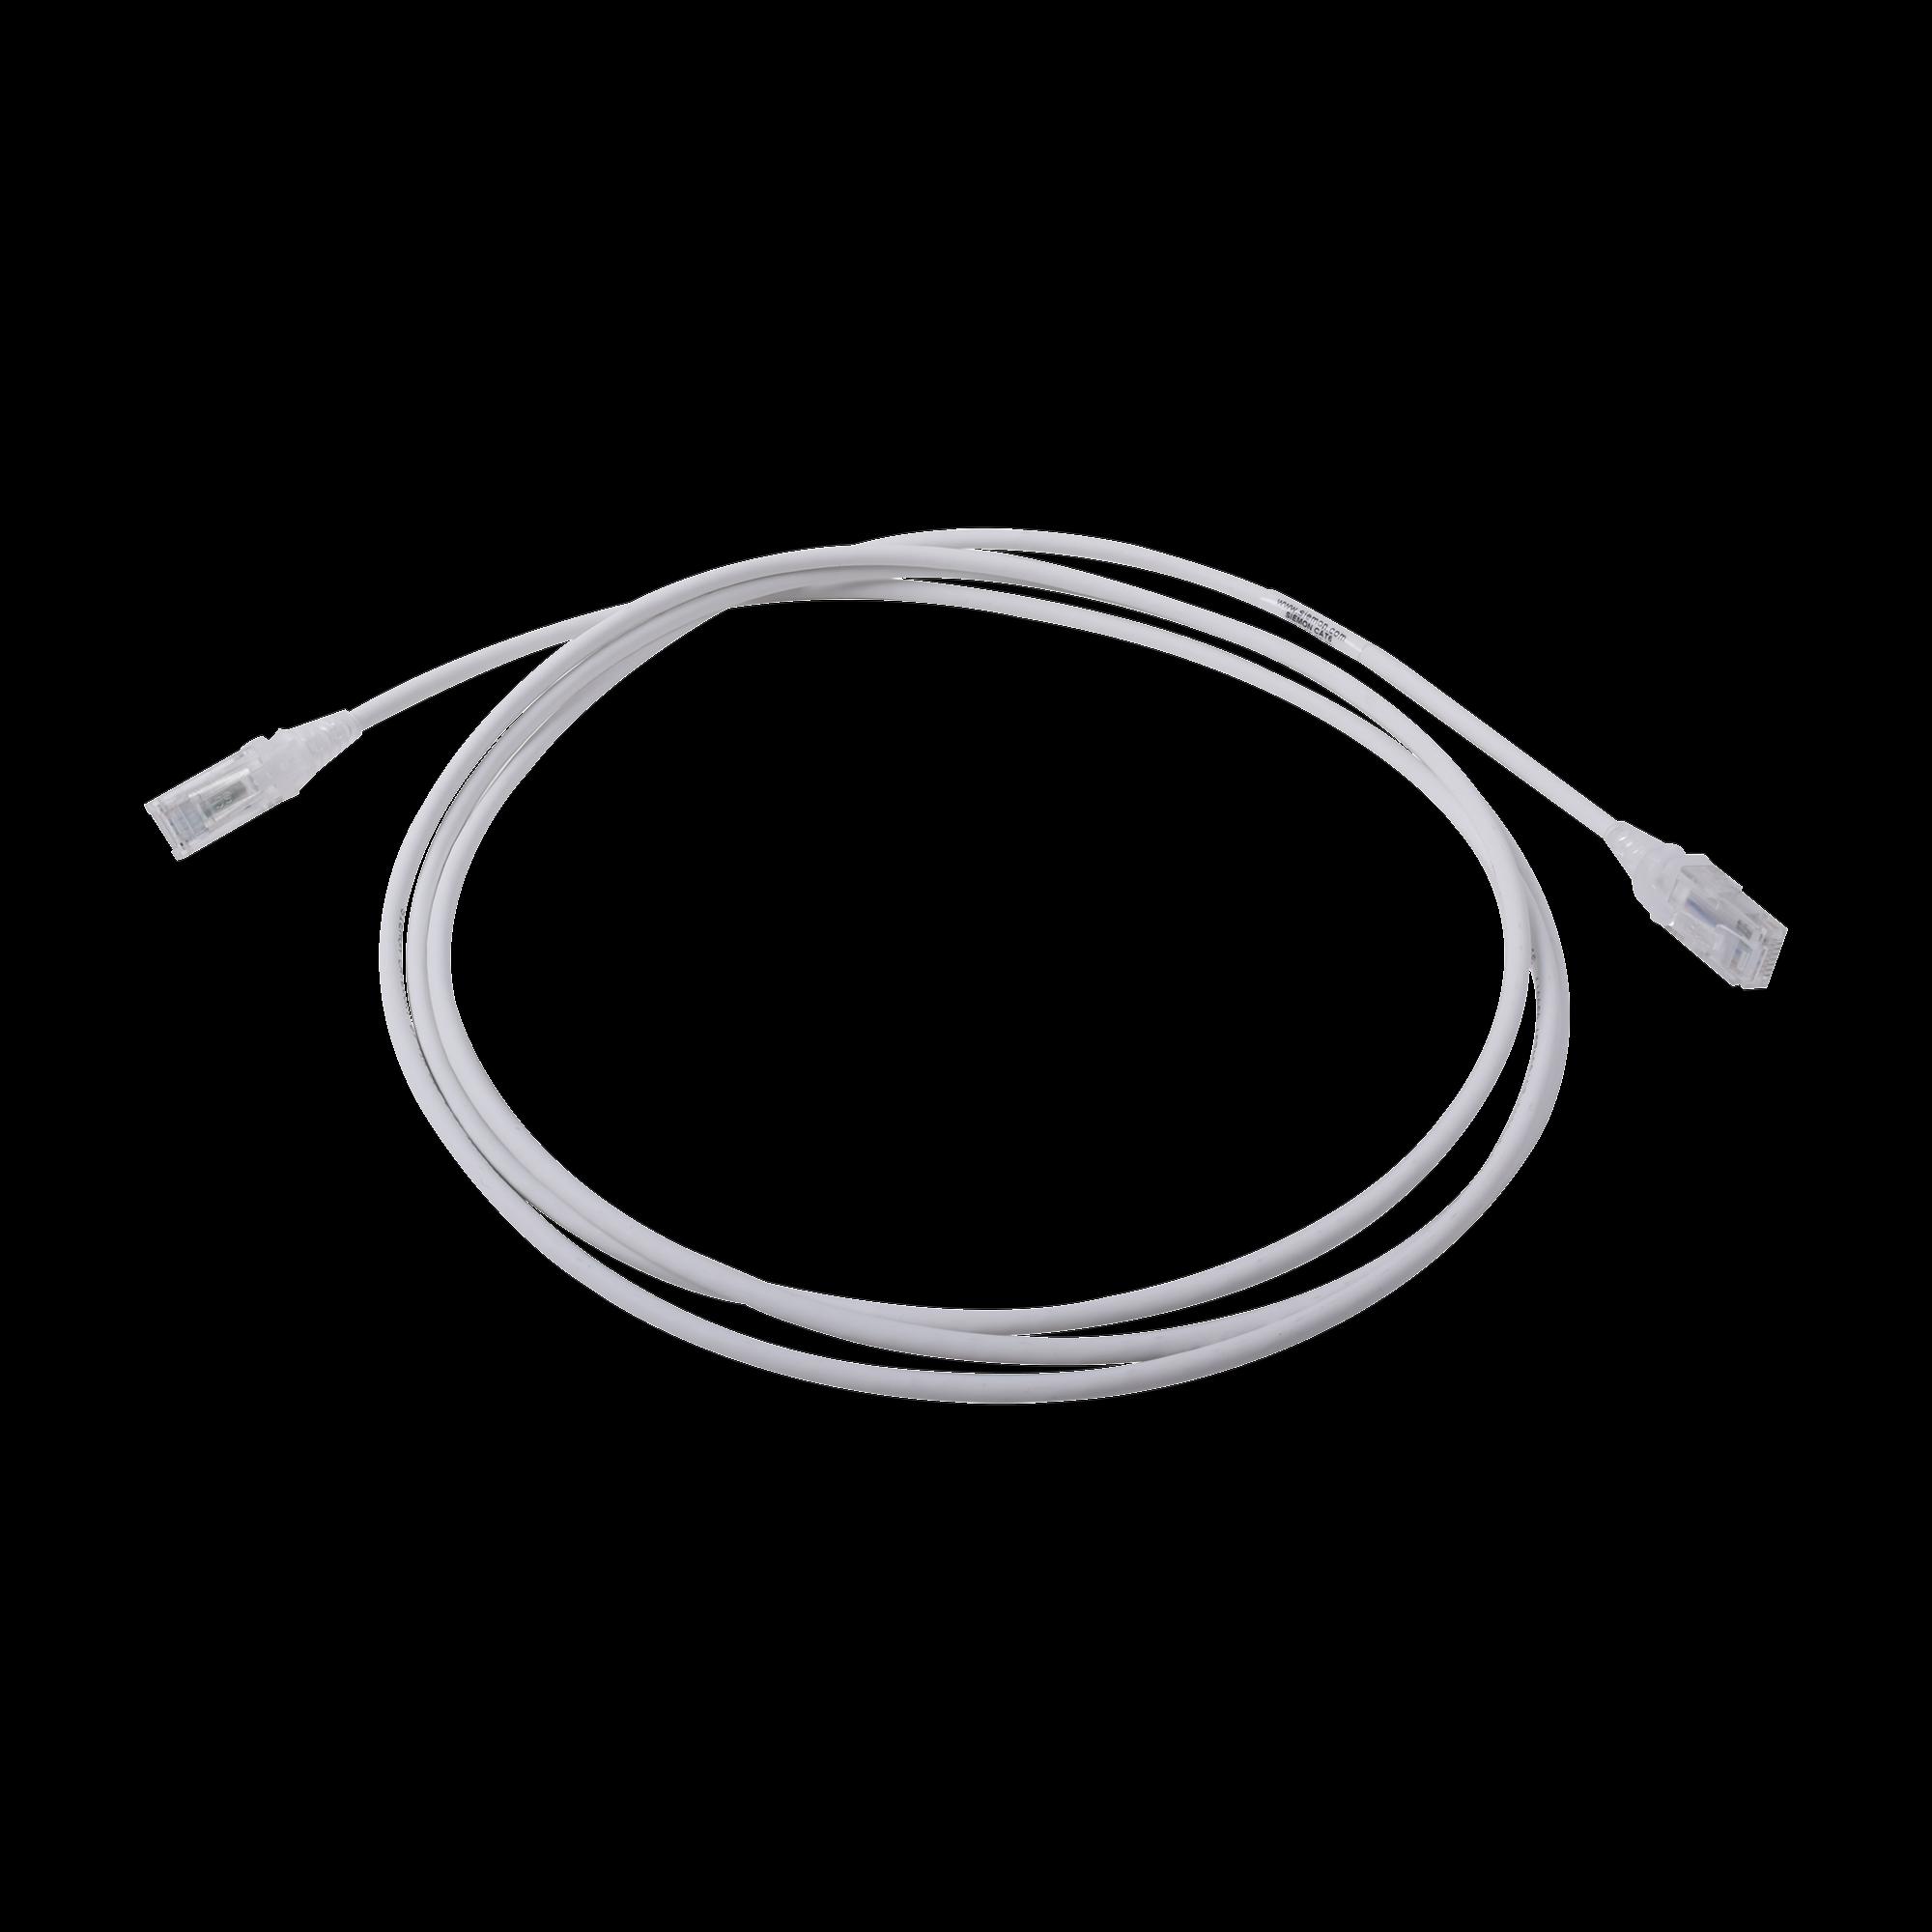 Patch Cord MC6 Modular Cat6 UTP, CM/LS0H, 7ft, Color Blanco, Diámetro Reducido (28AWG)